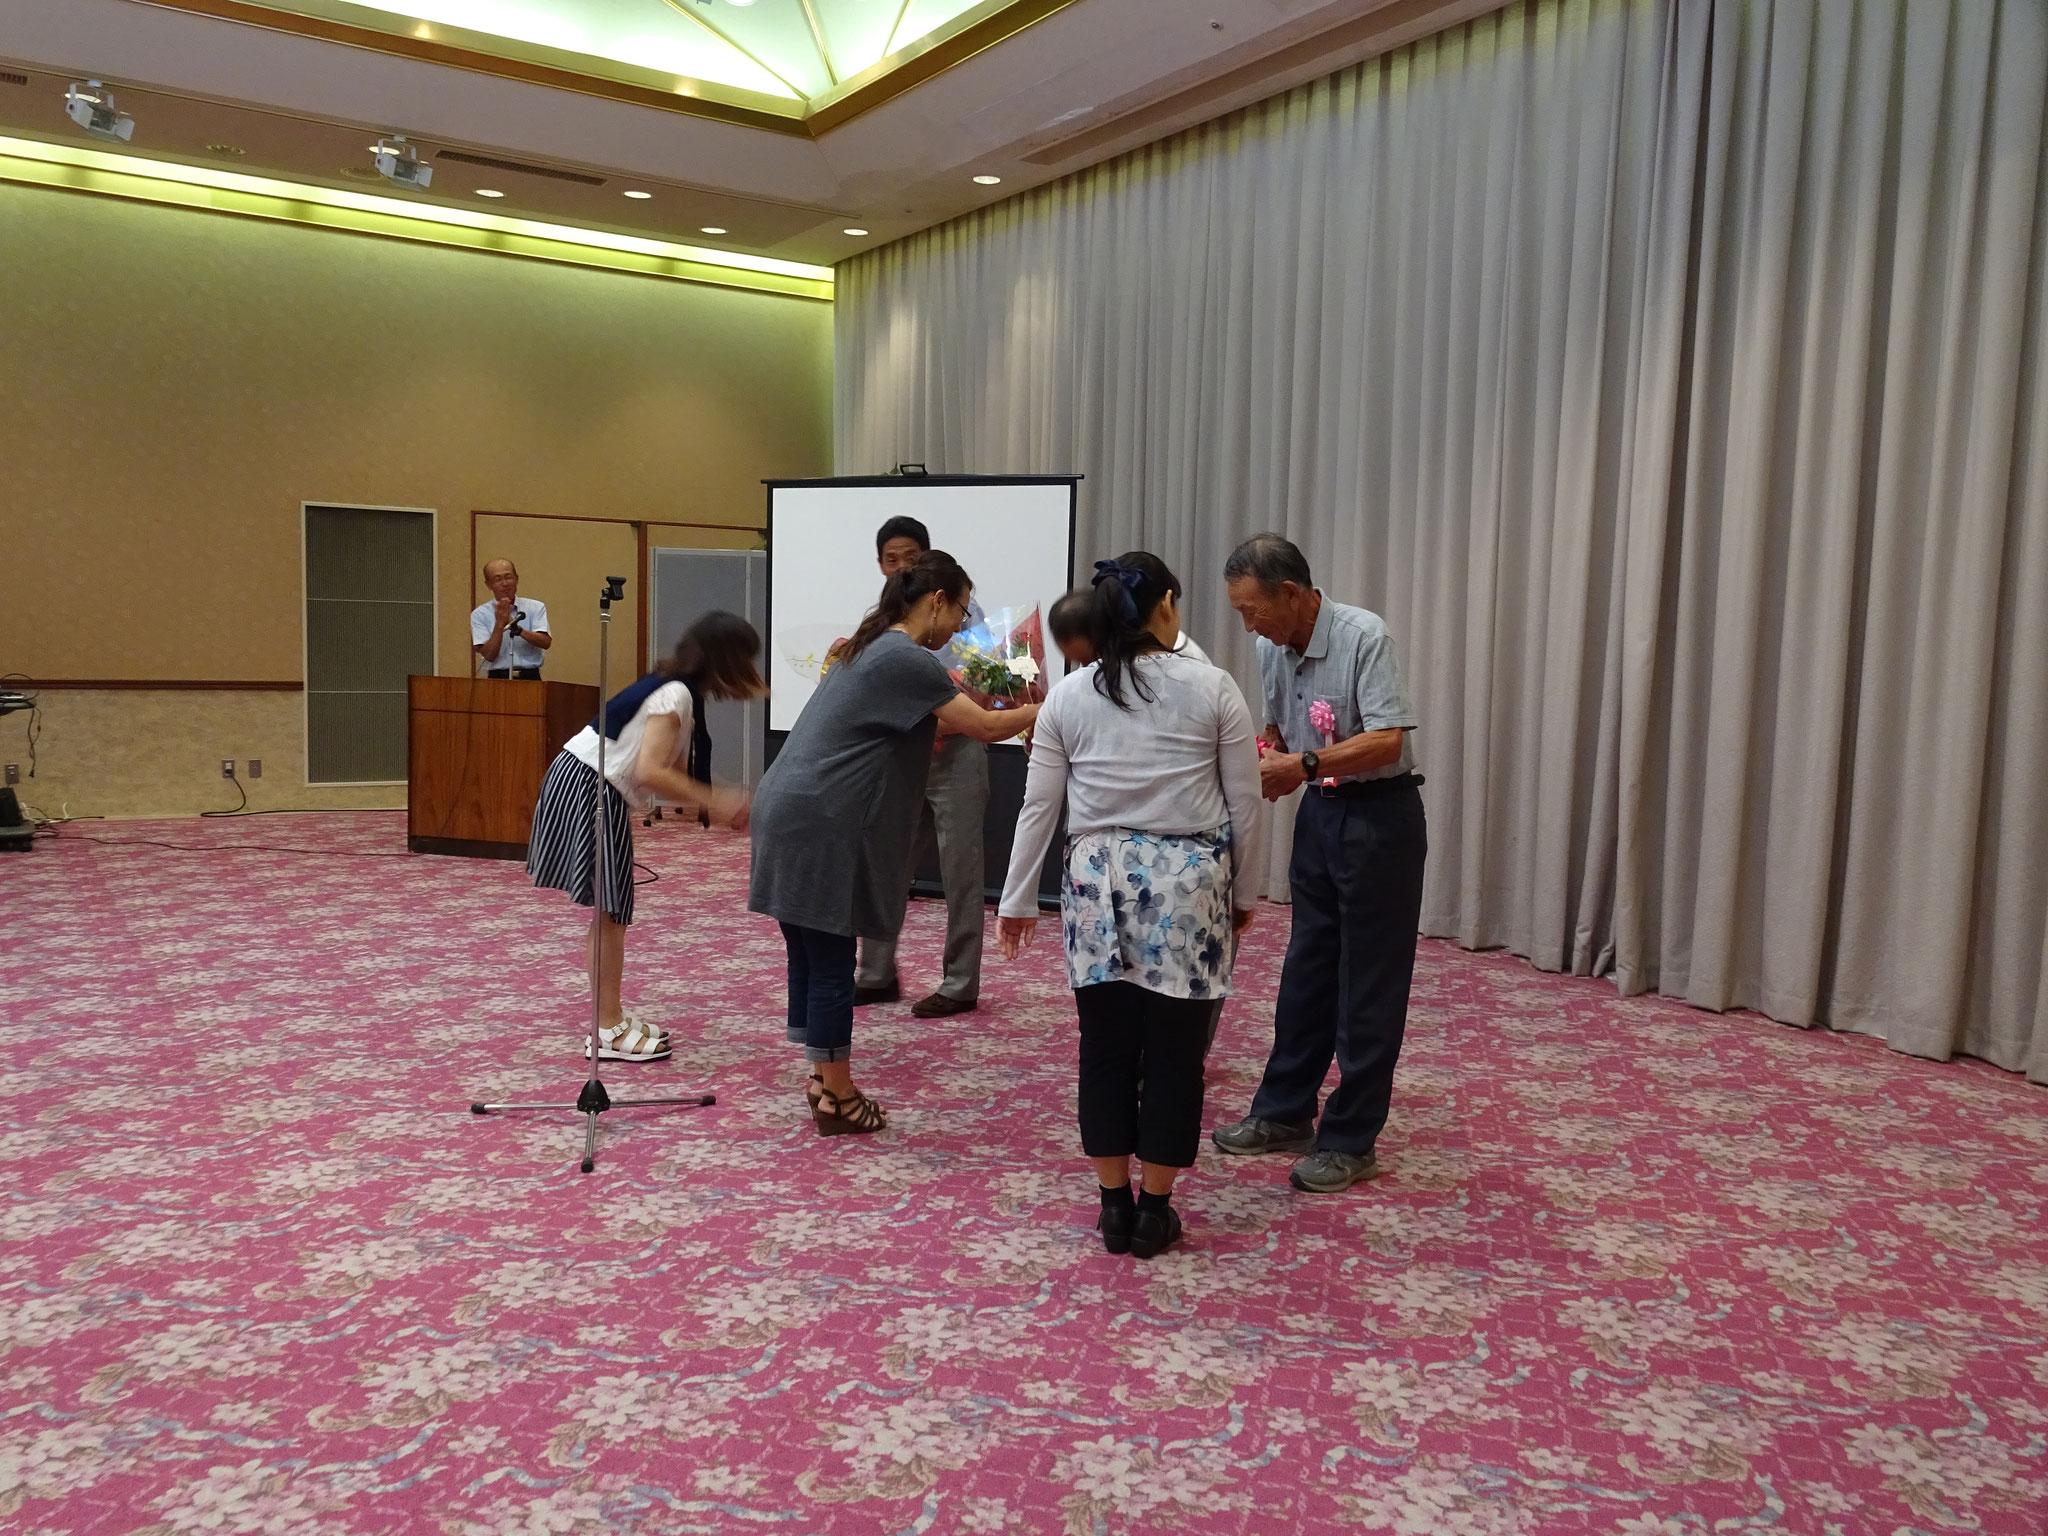 日頃の感謝を込めて・・・藤原顧問・竹岡代表・庭瀬コーチへ花束贈呈